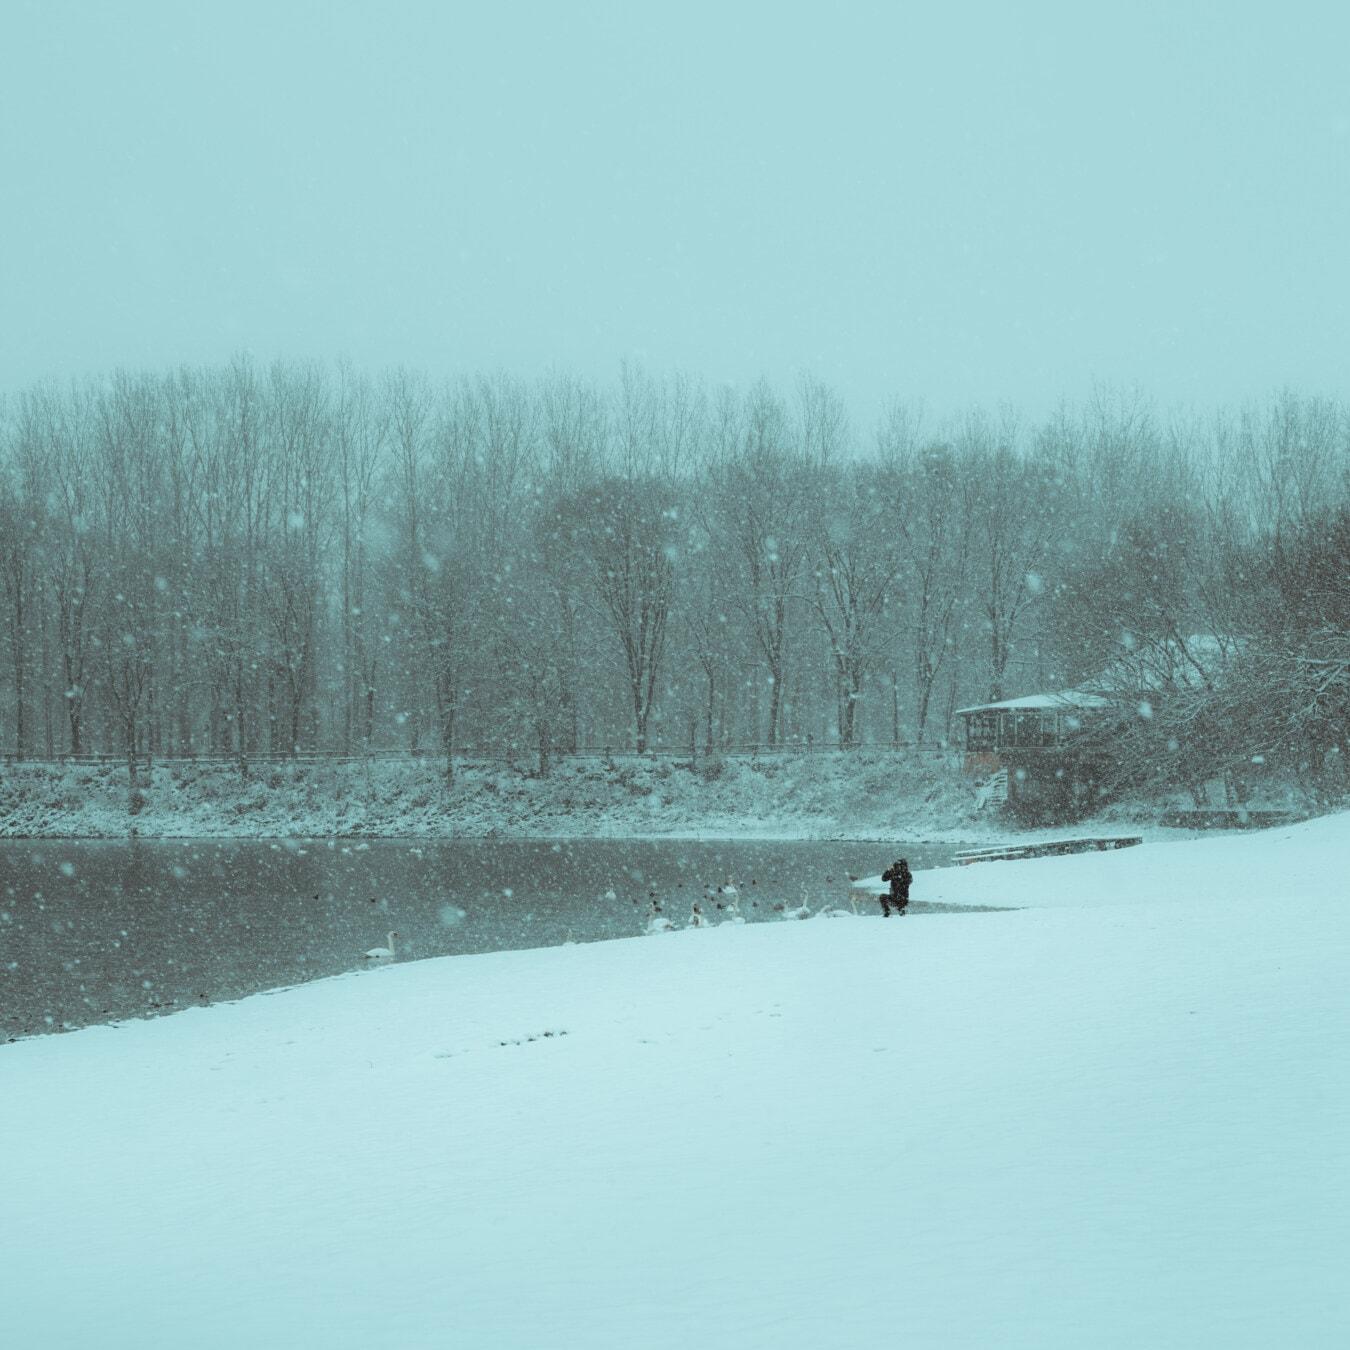 Schneesturm, Fluss, Flussufer, Schneeflocken, Vögel, Herde, Schnee, Wald, Nebel, Holz